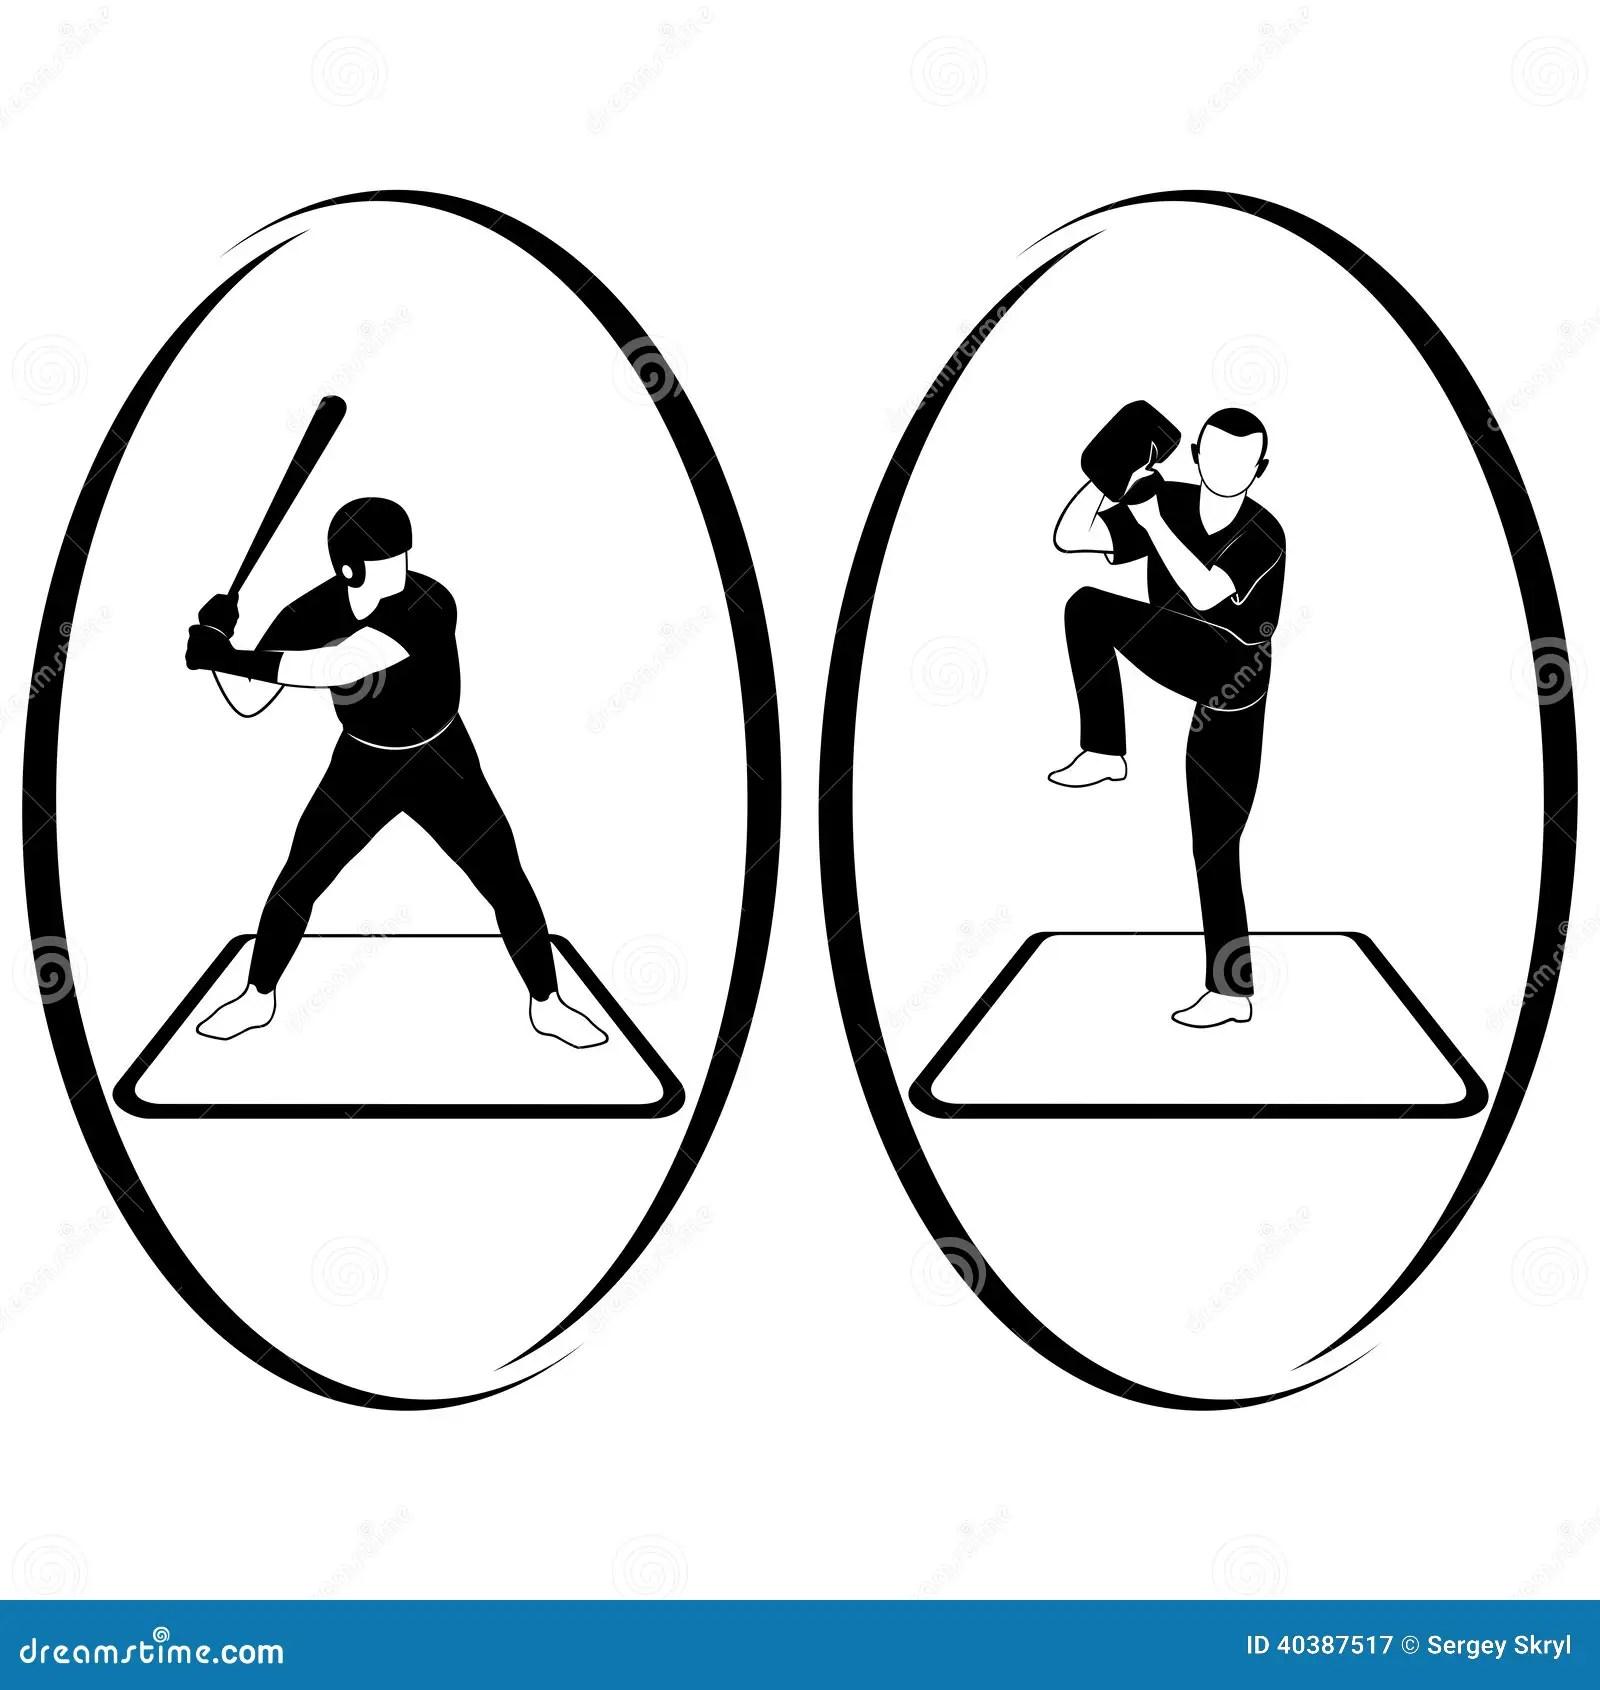 Softball Stock Vector Illustration Of Outline Shape